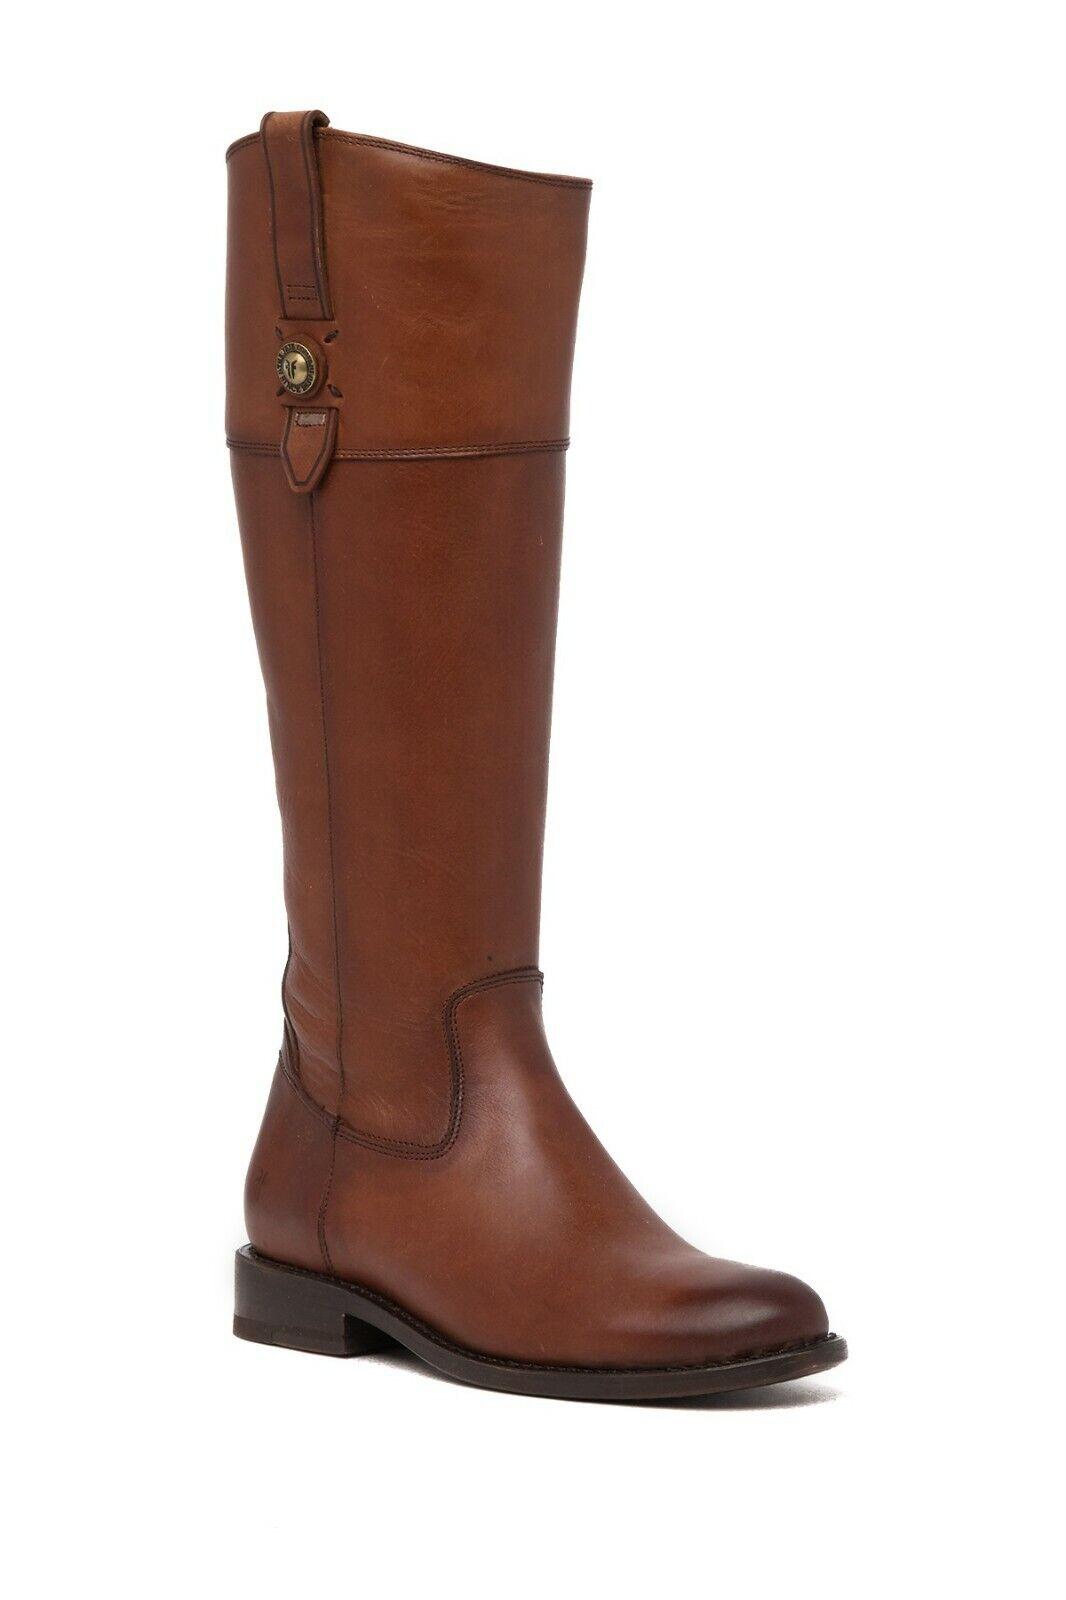 Frye Boots Jayden Button Tall Inside Zip Western Riding Cognac 7 DEFECT